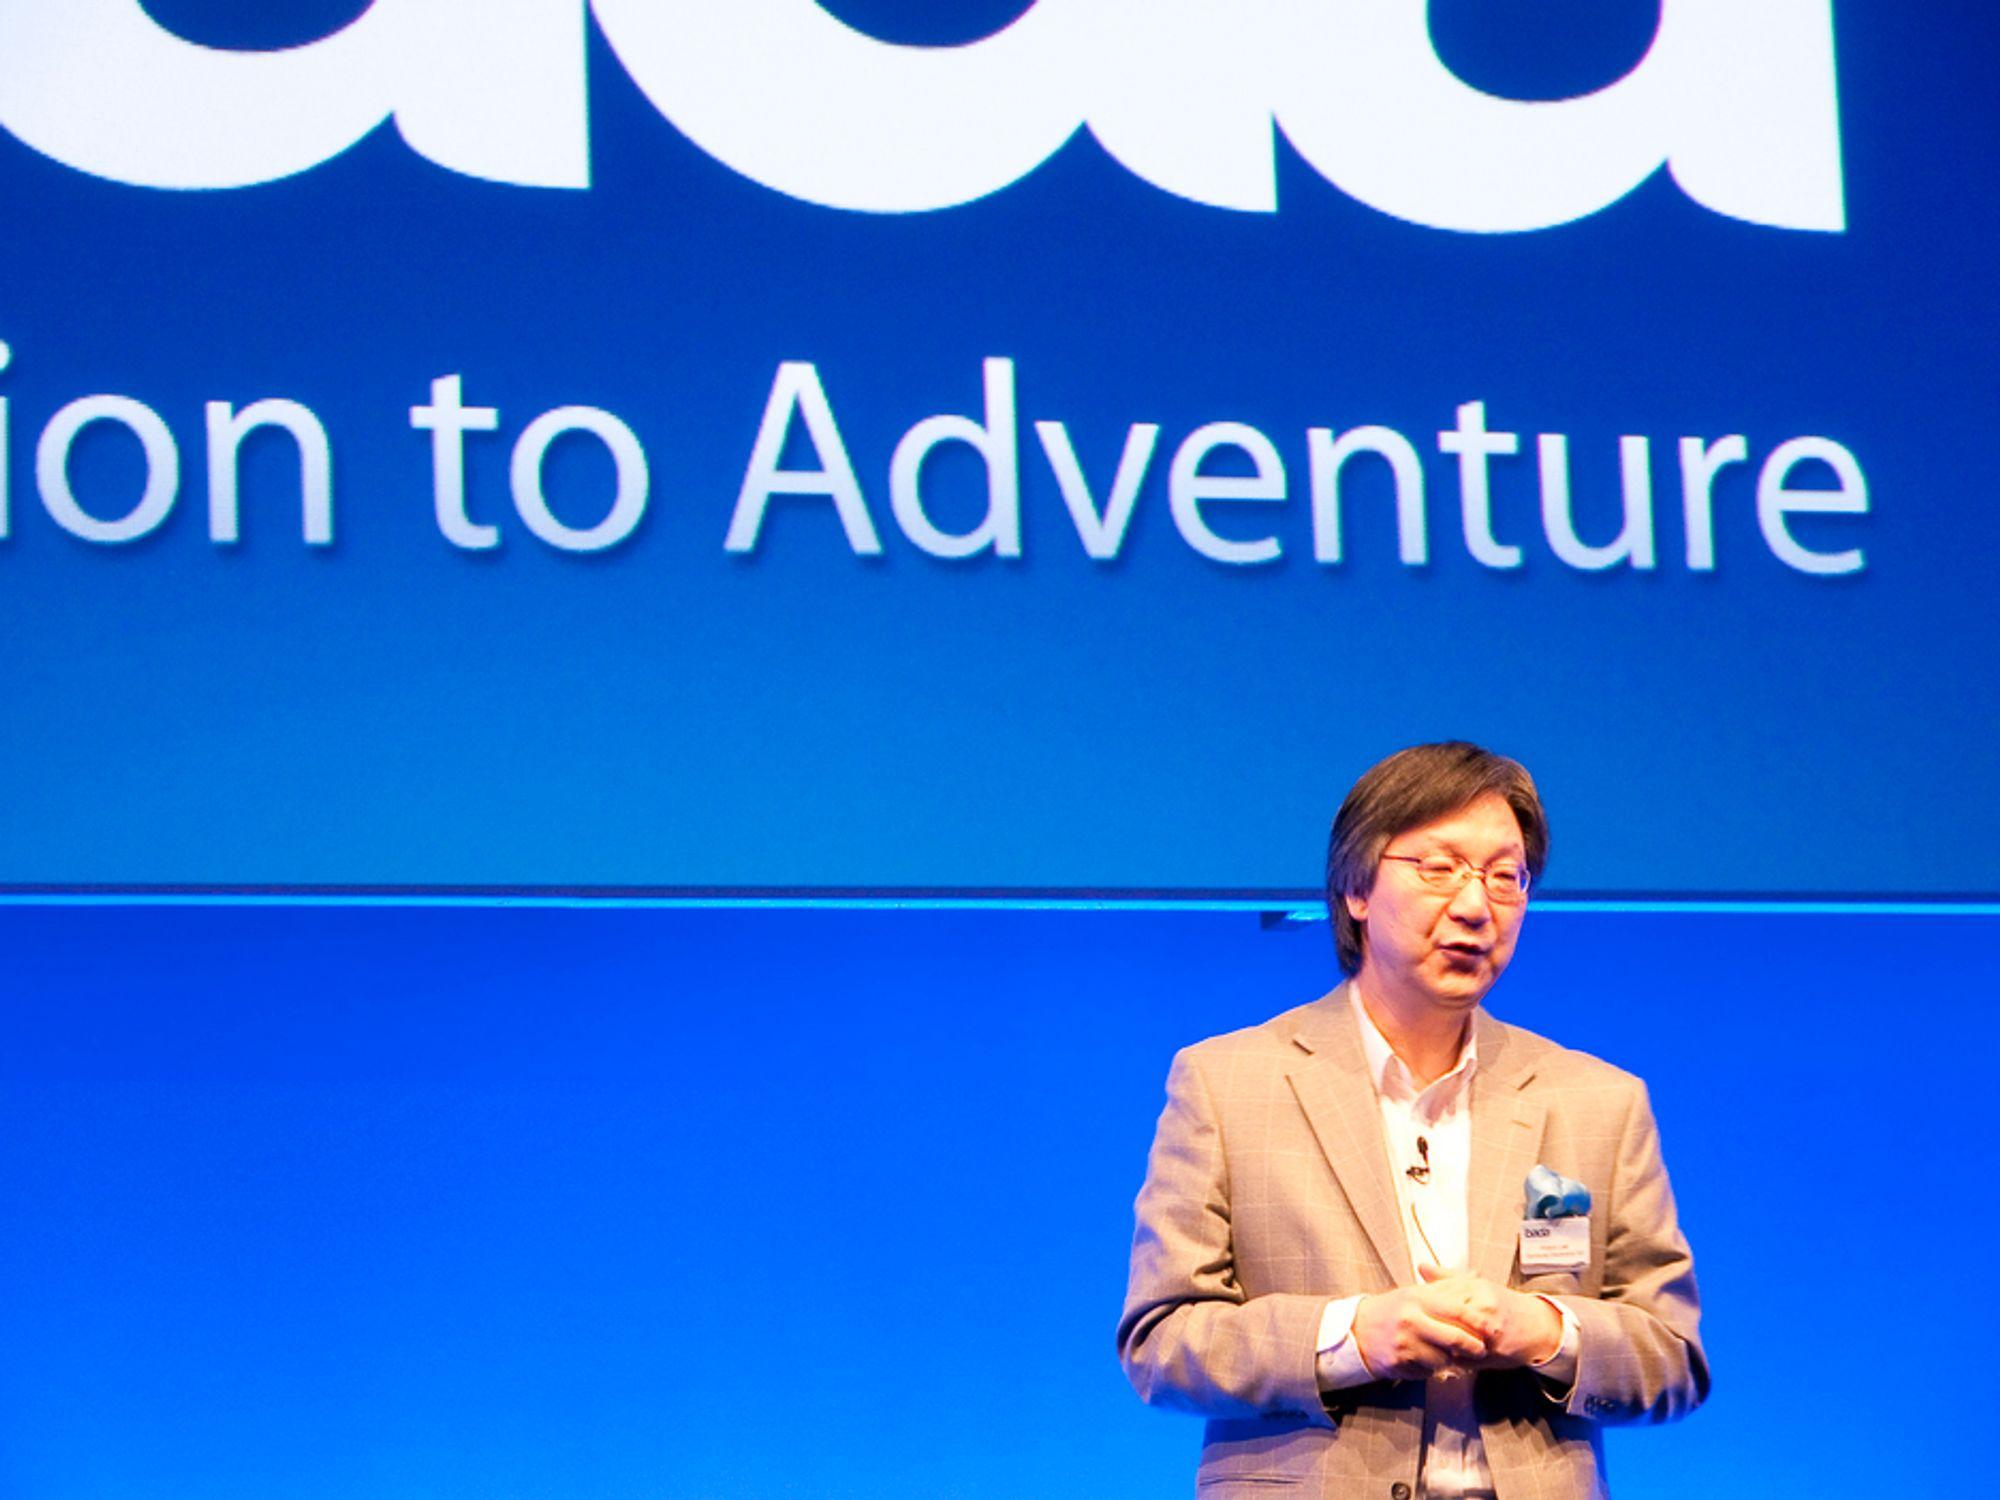 Samsungs nye Badabaserte mobiltelefoner skal bringe smartmobiler ut til alle og sette en ny standard for brukervennlighet, lover Samsungs sjef for medialøsninger, dr. Hooso Lee.